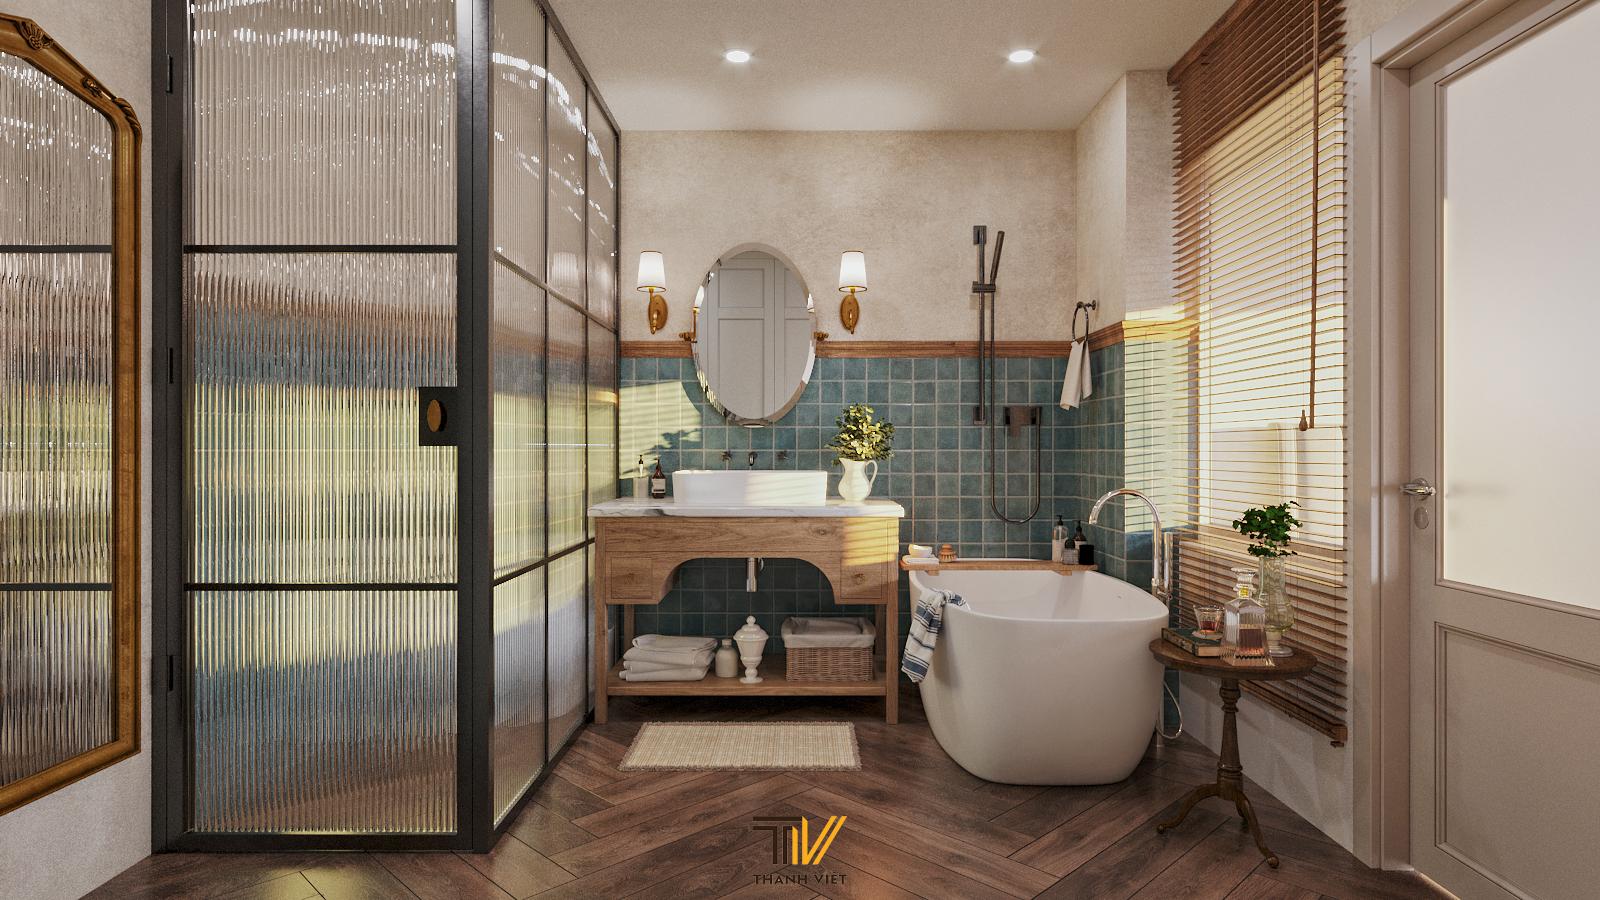 Thiết kế nội thất Chung Cư tại Hà Nội Vintage Farmhouse - Golden Westlake 1626853867 10